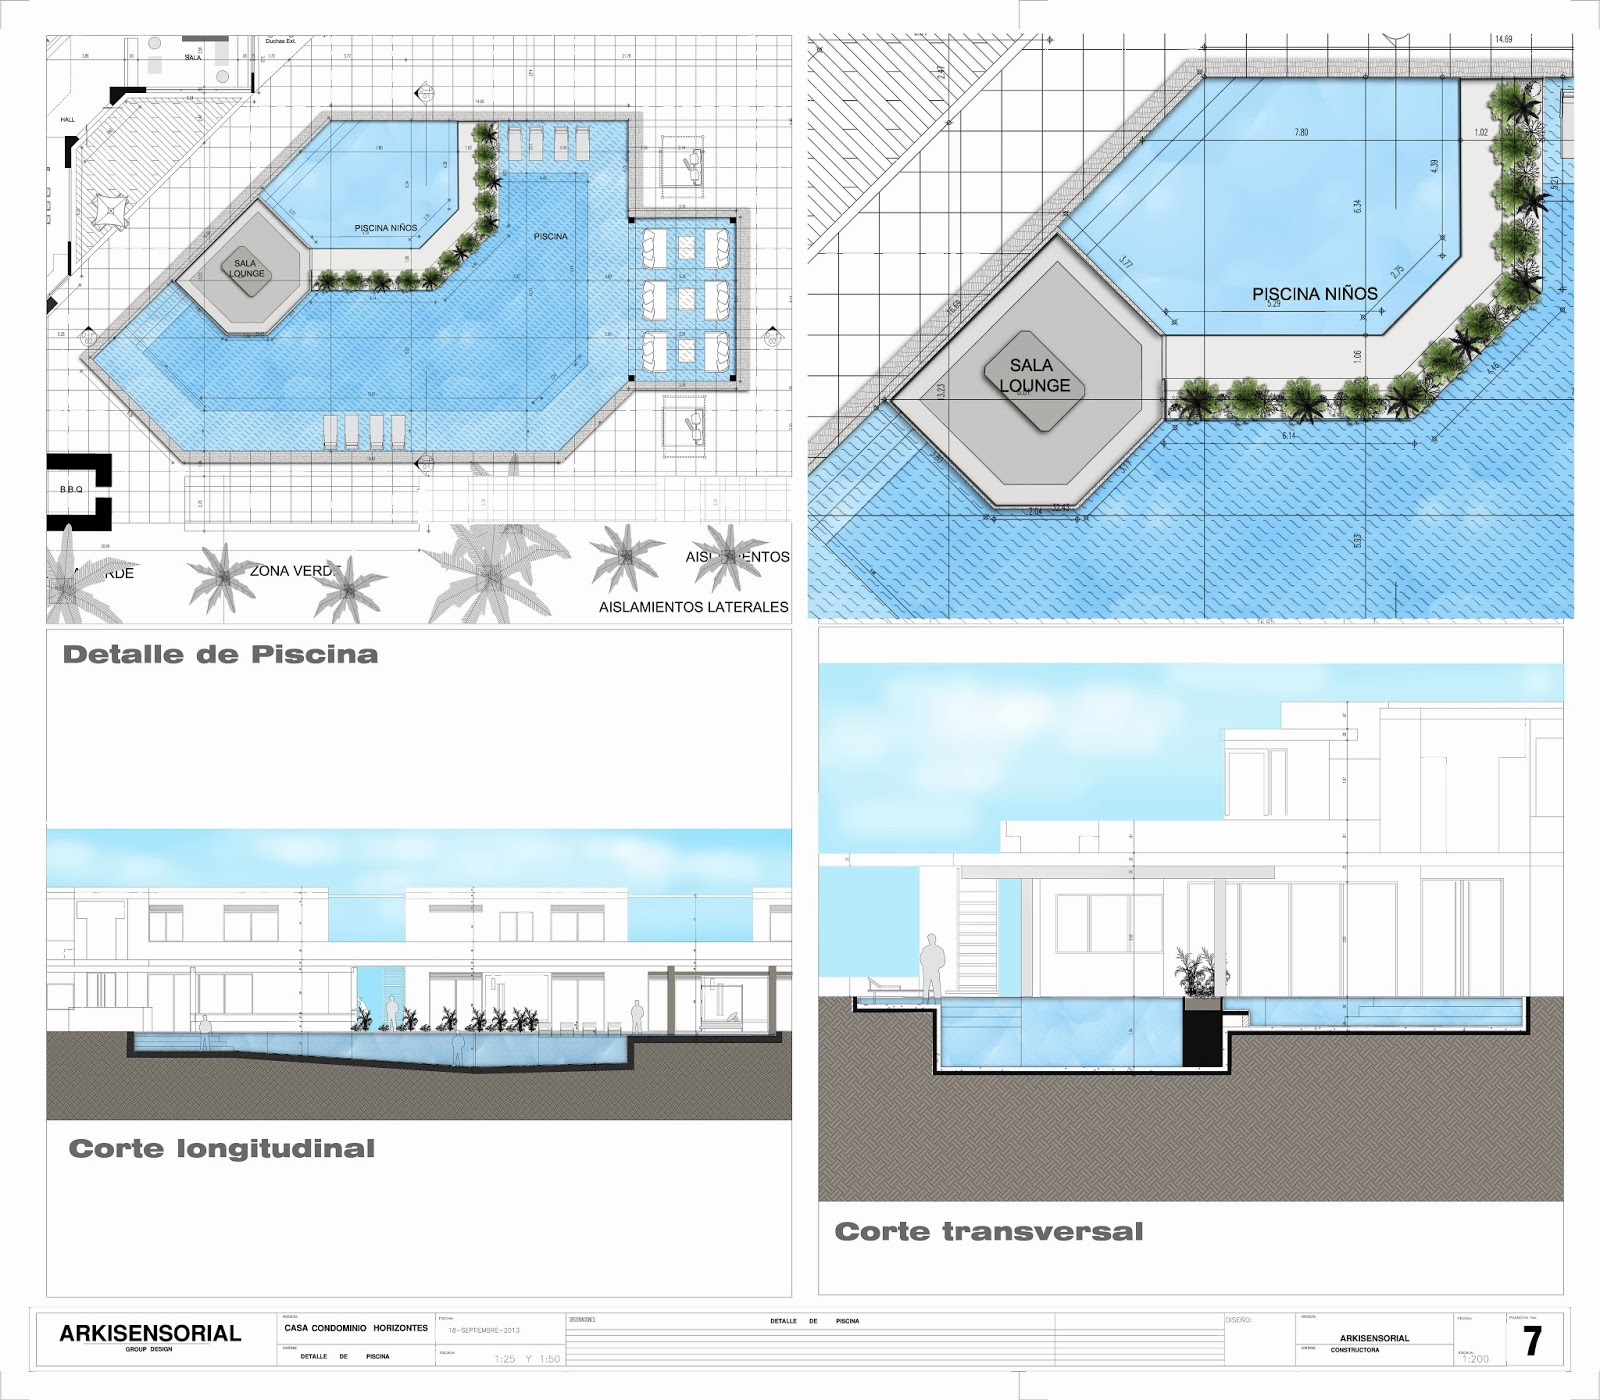 Proyecto arquitect nico final planos detalles y maqueta for Planos de piscinas temperadas